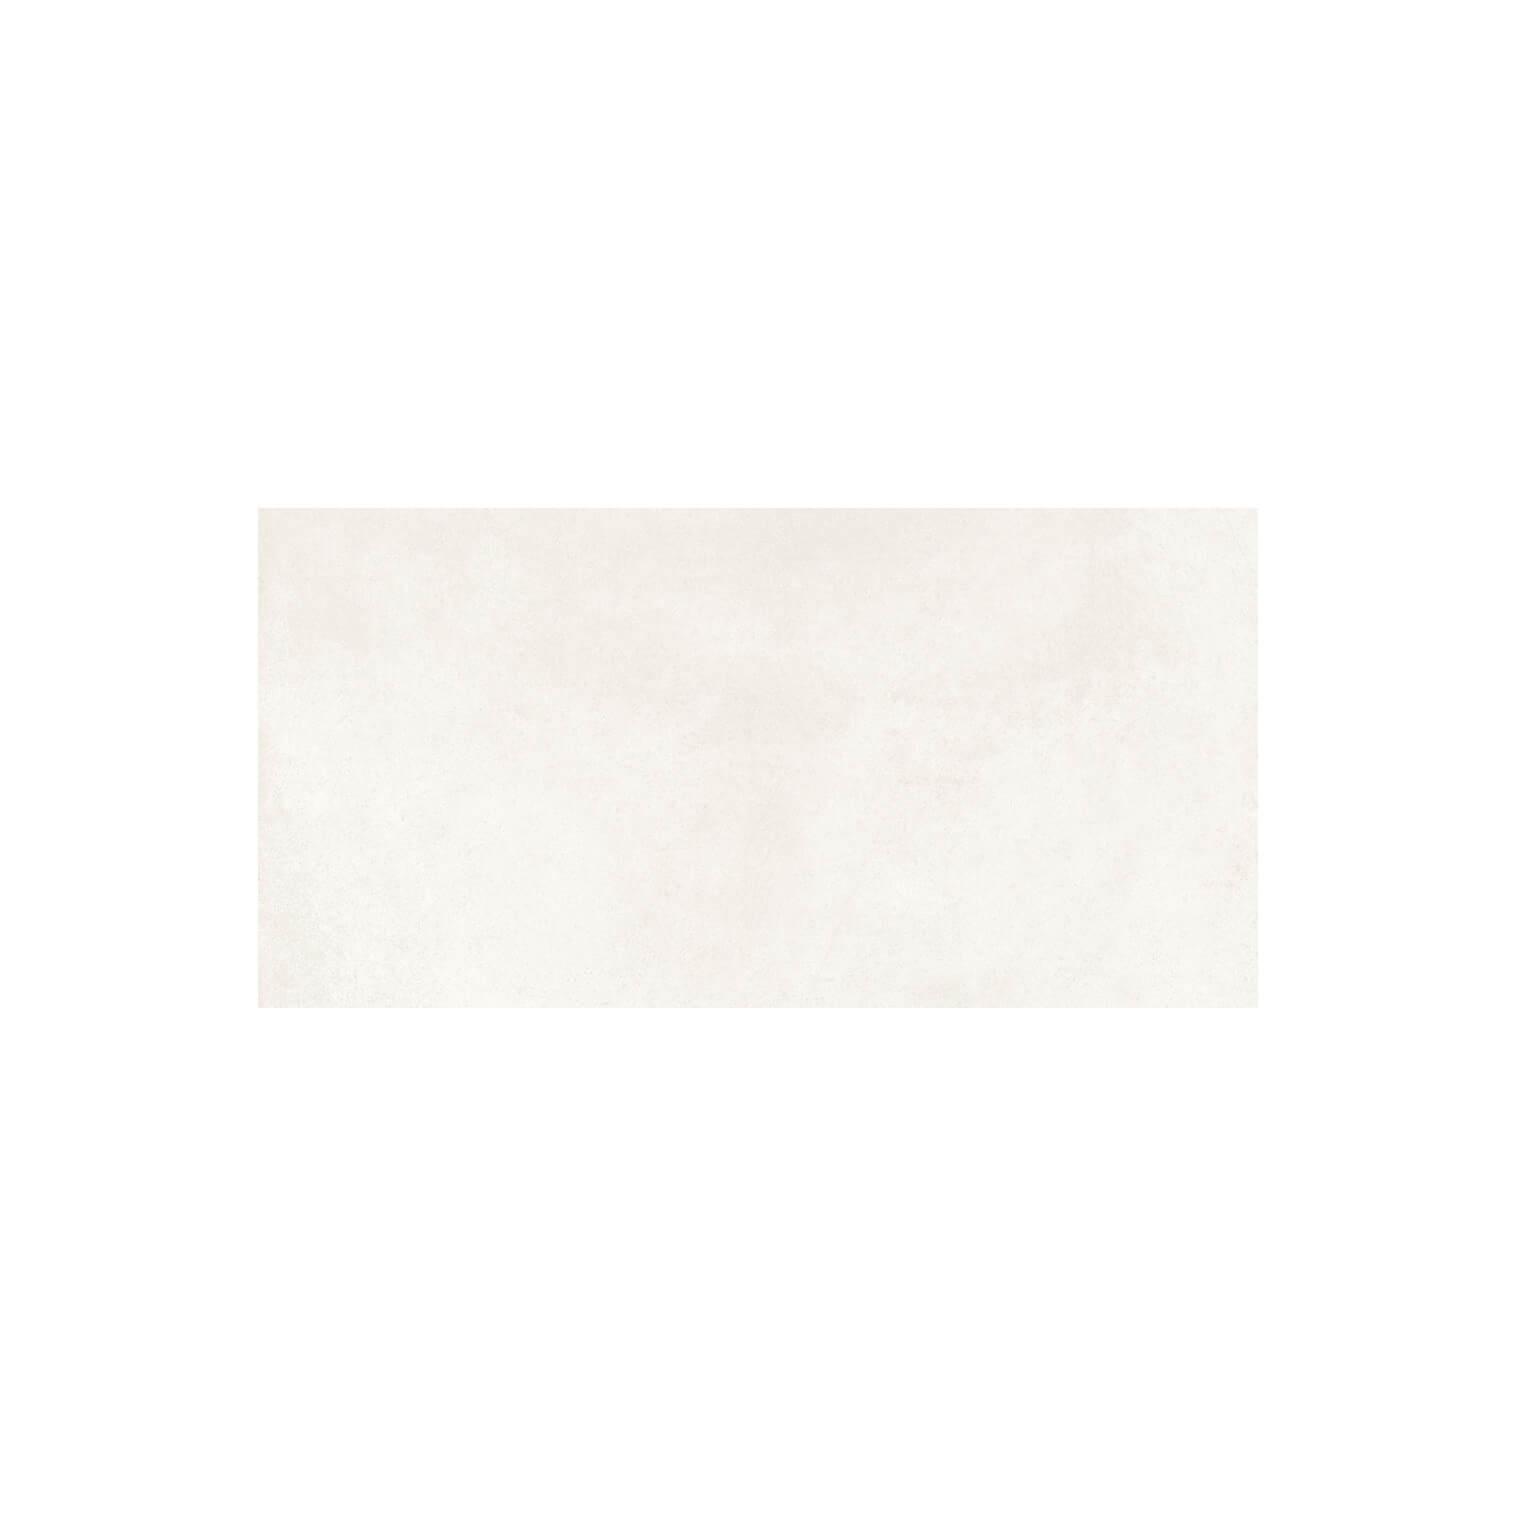 Carrelage sol et mur aspect béton gris Tokio Perla mat 30x60 cm rectifié